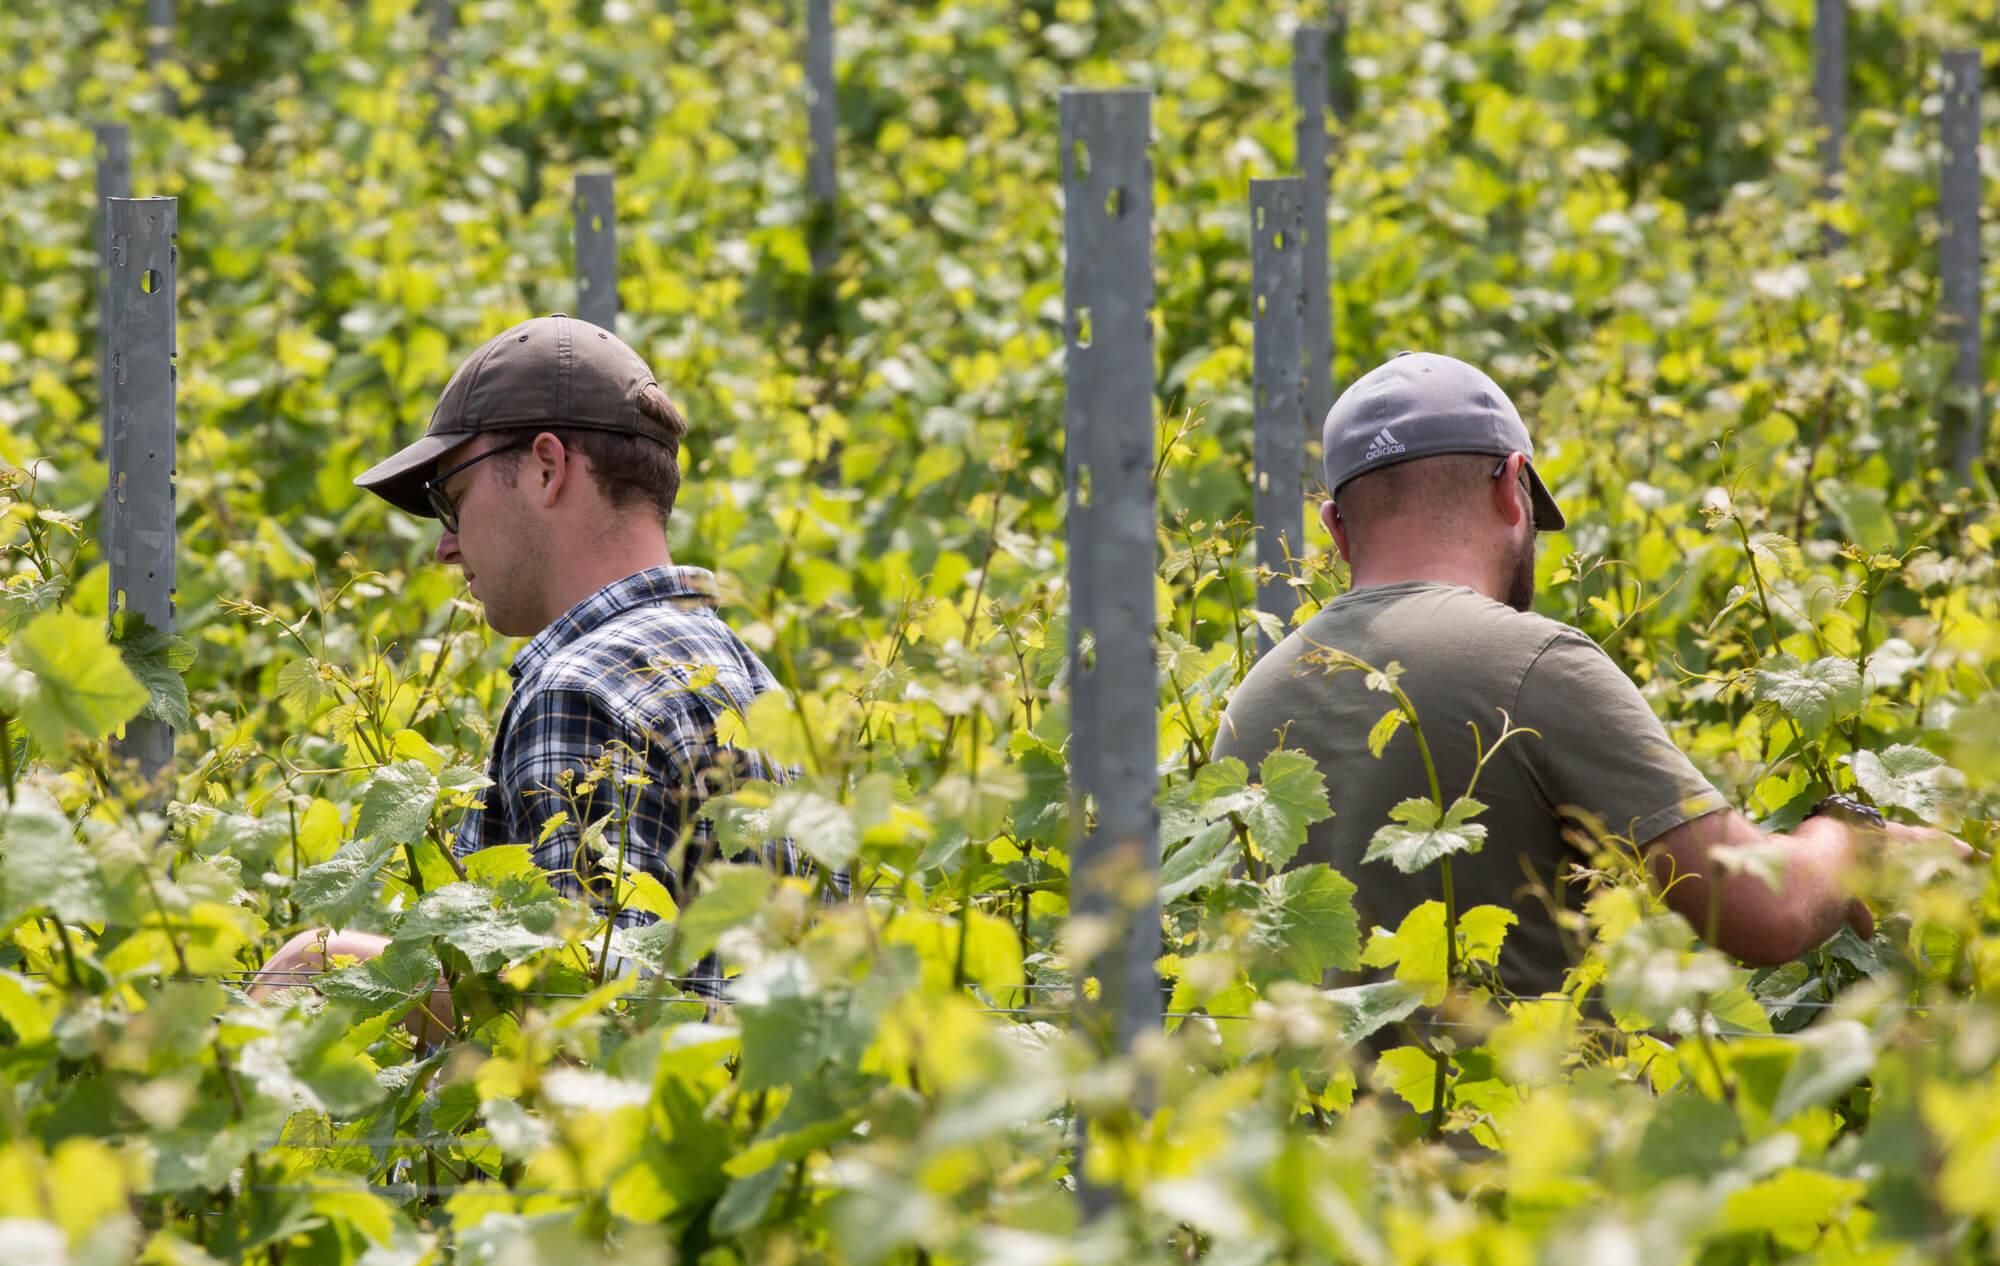 Men Working in Vineyard